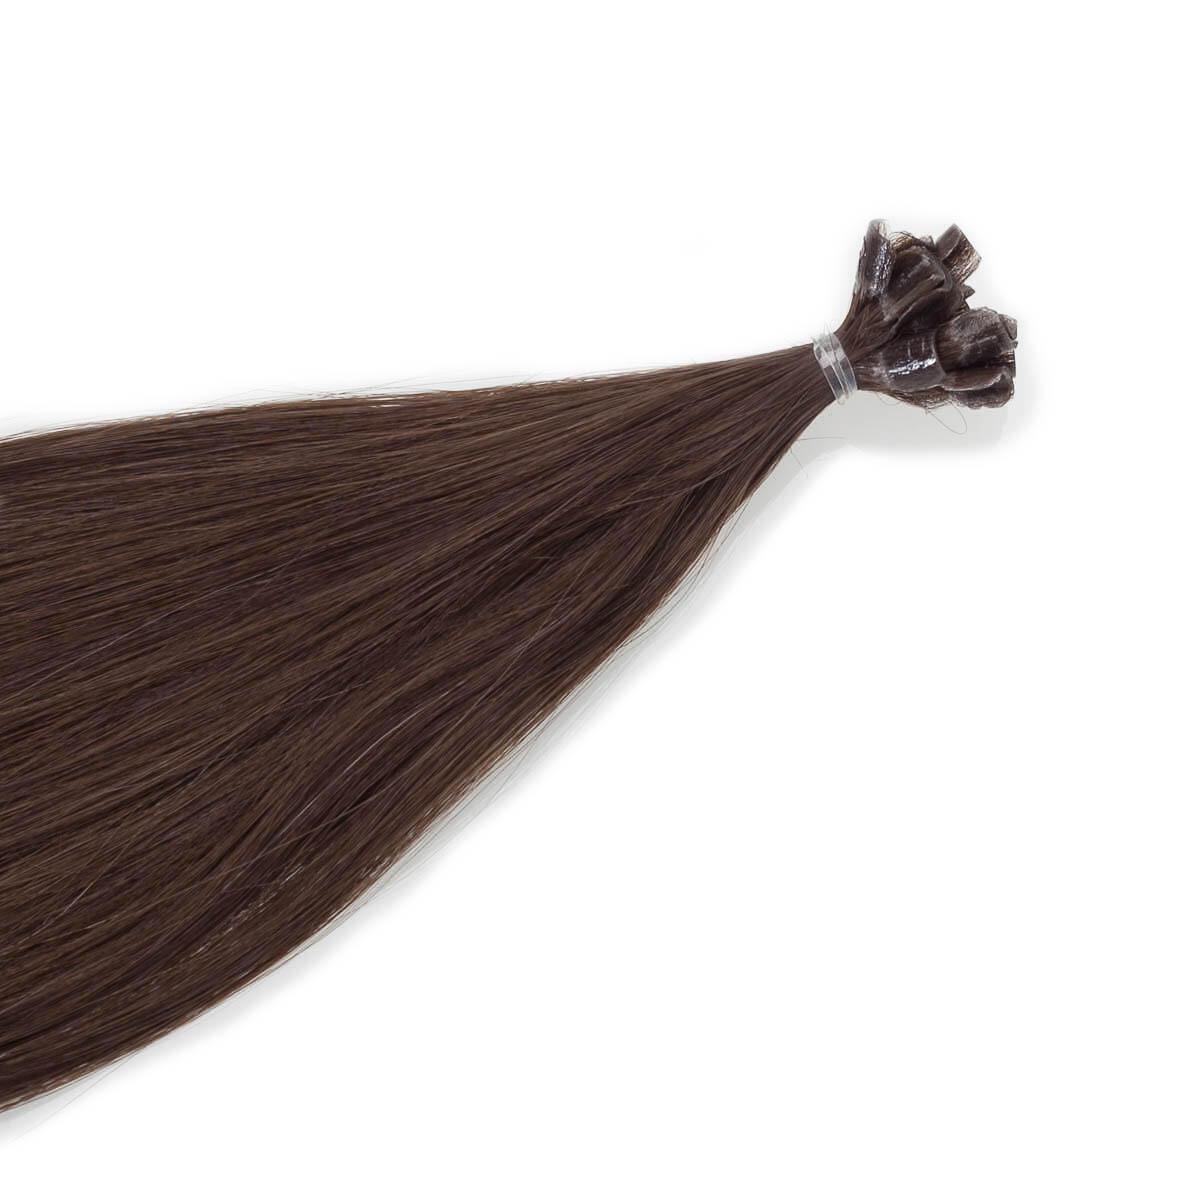 Bondings Premium Glatt 2.6 Dark Ash Brown 50 cm